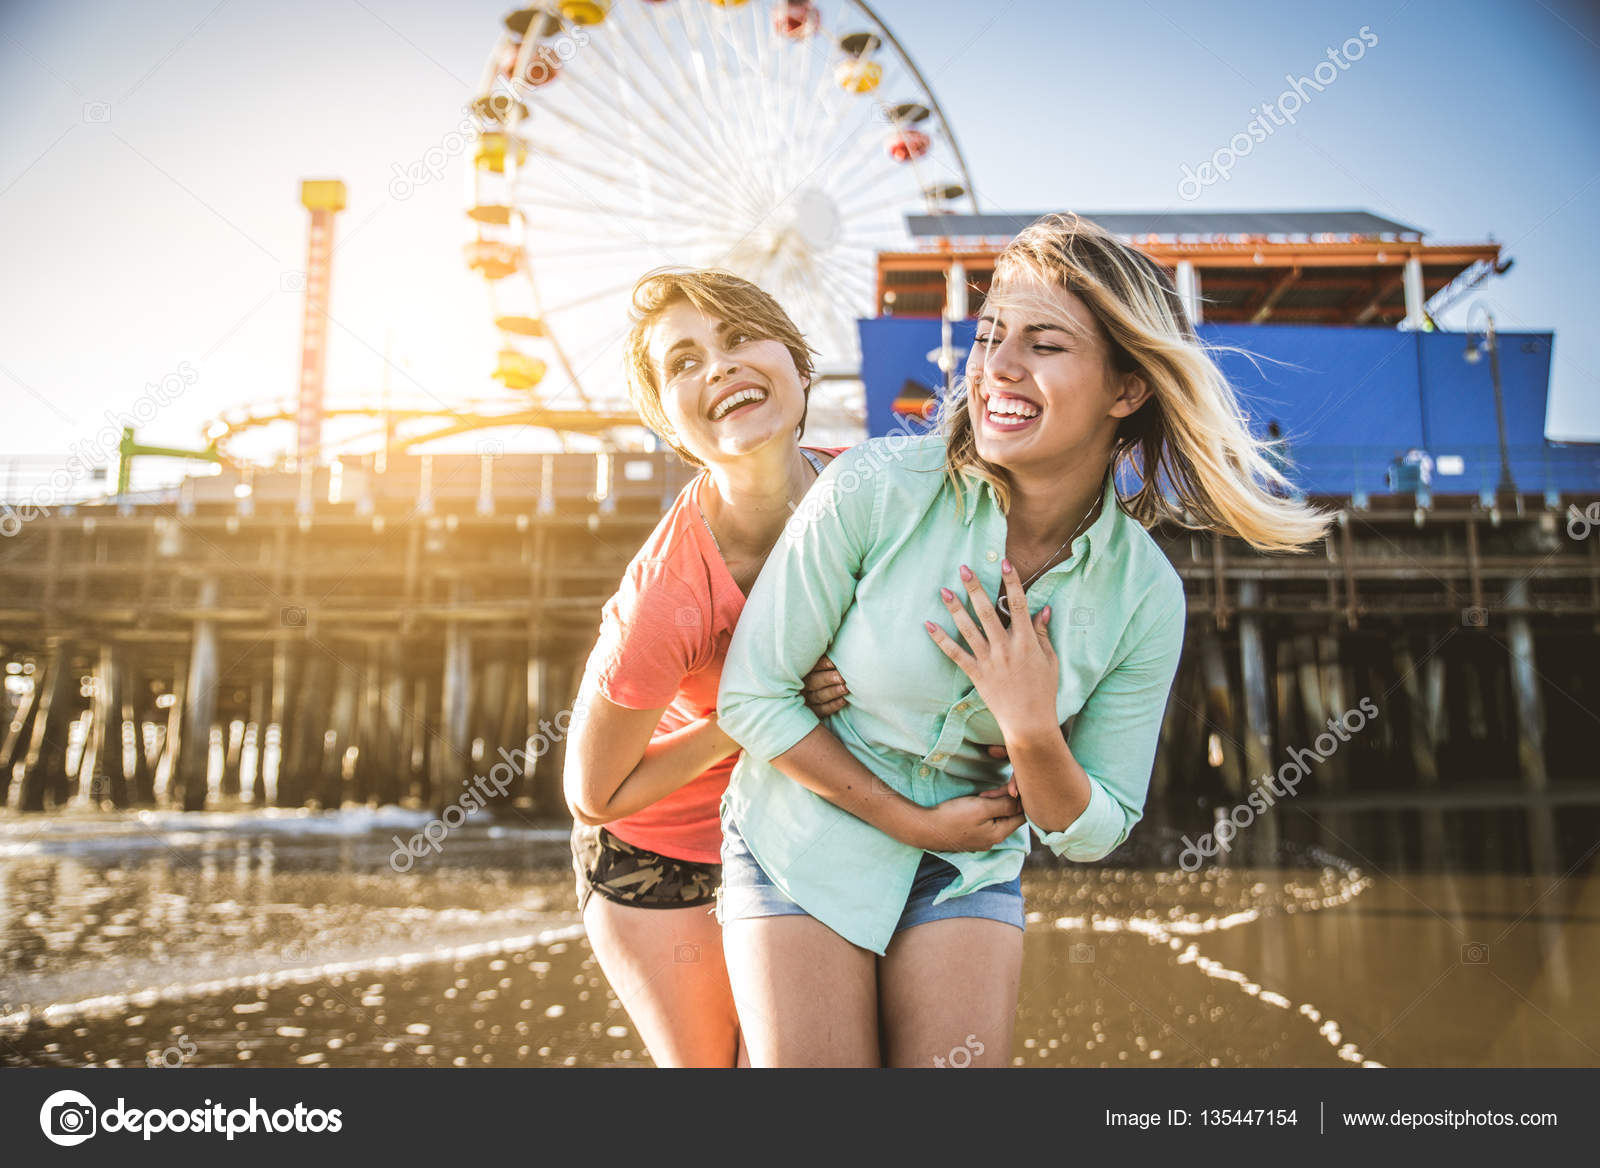 ραντεβού με την παραλία χρονολογώντας ένα Ρόλεξ με αύξοντα αριθμό